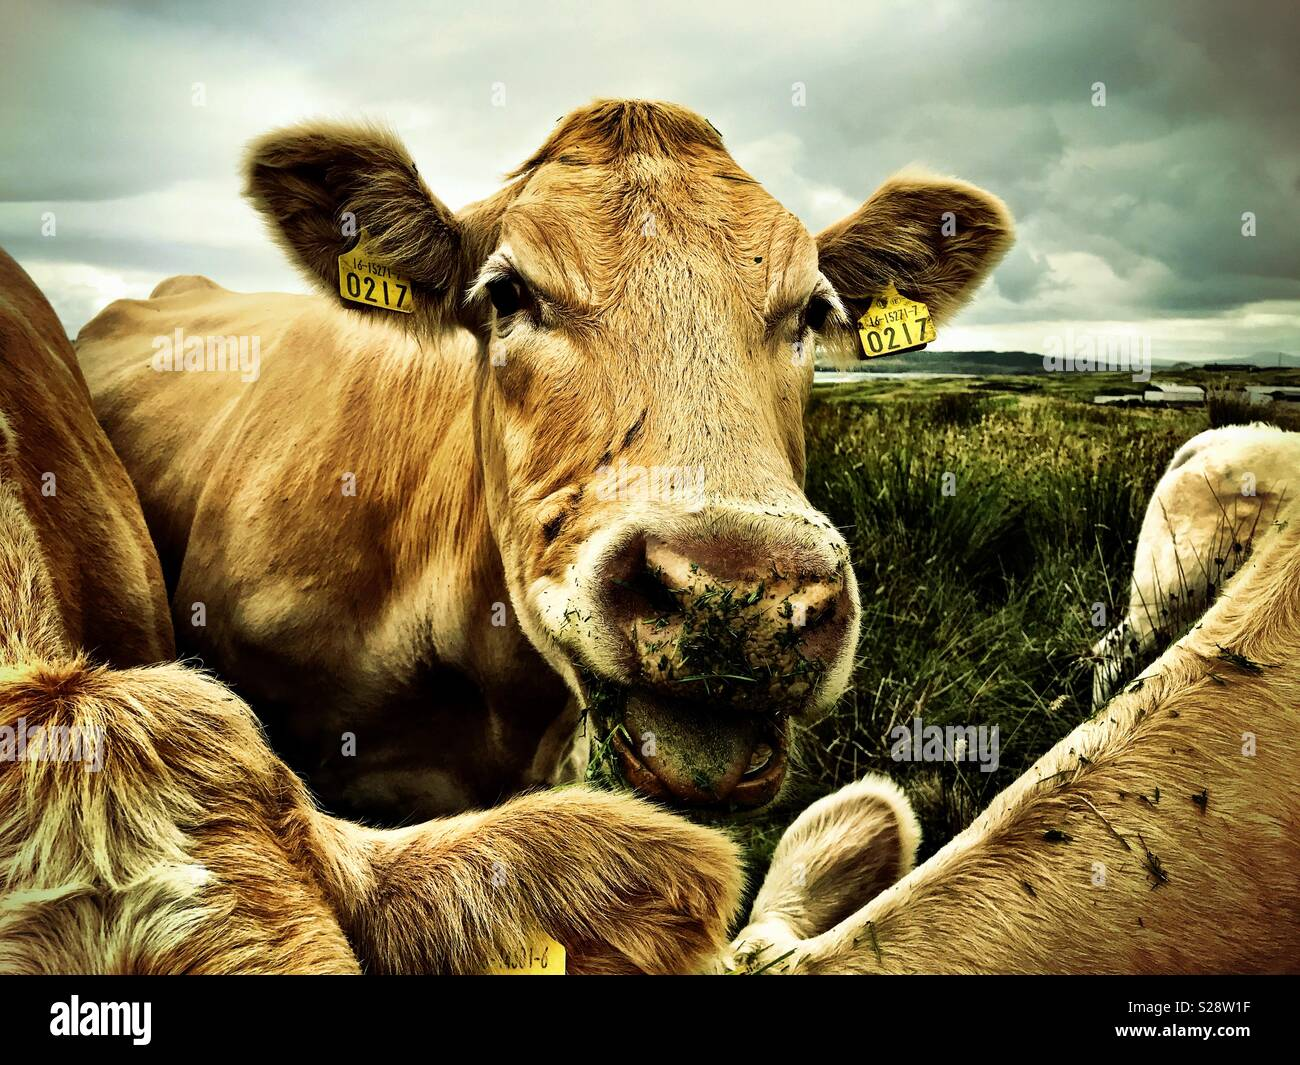 Irish beef cattle - Stock Image